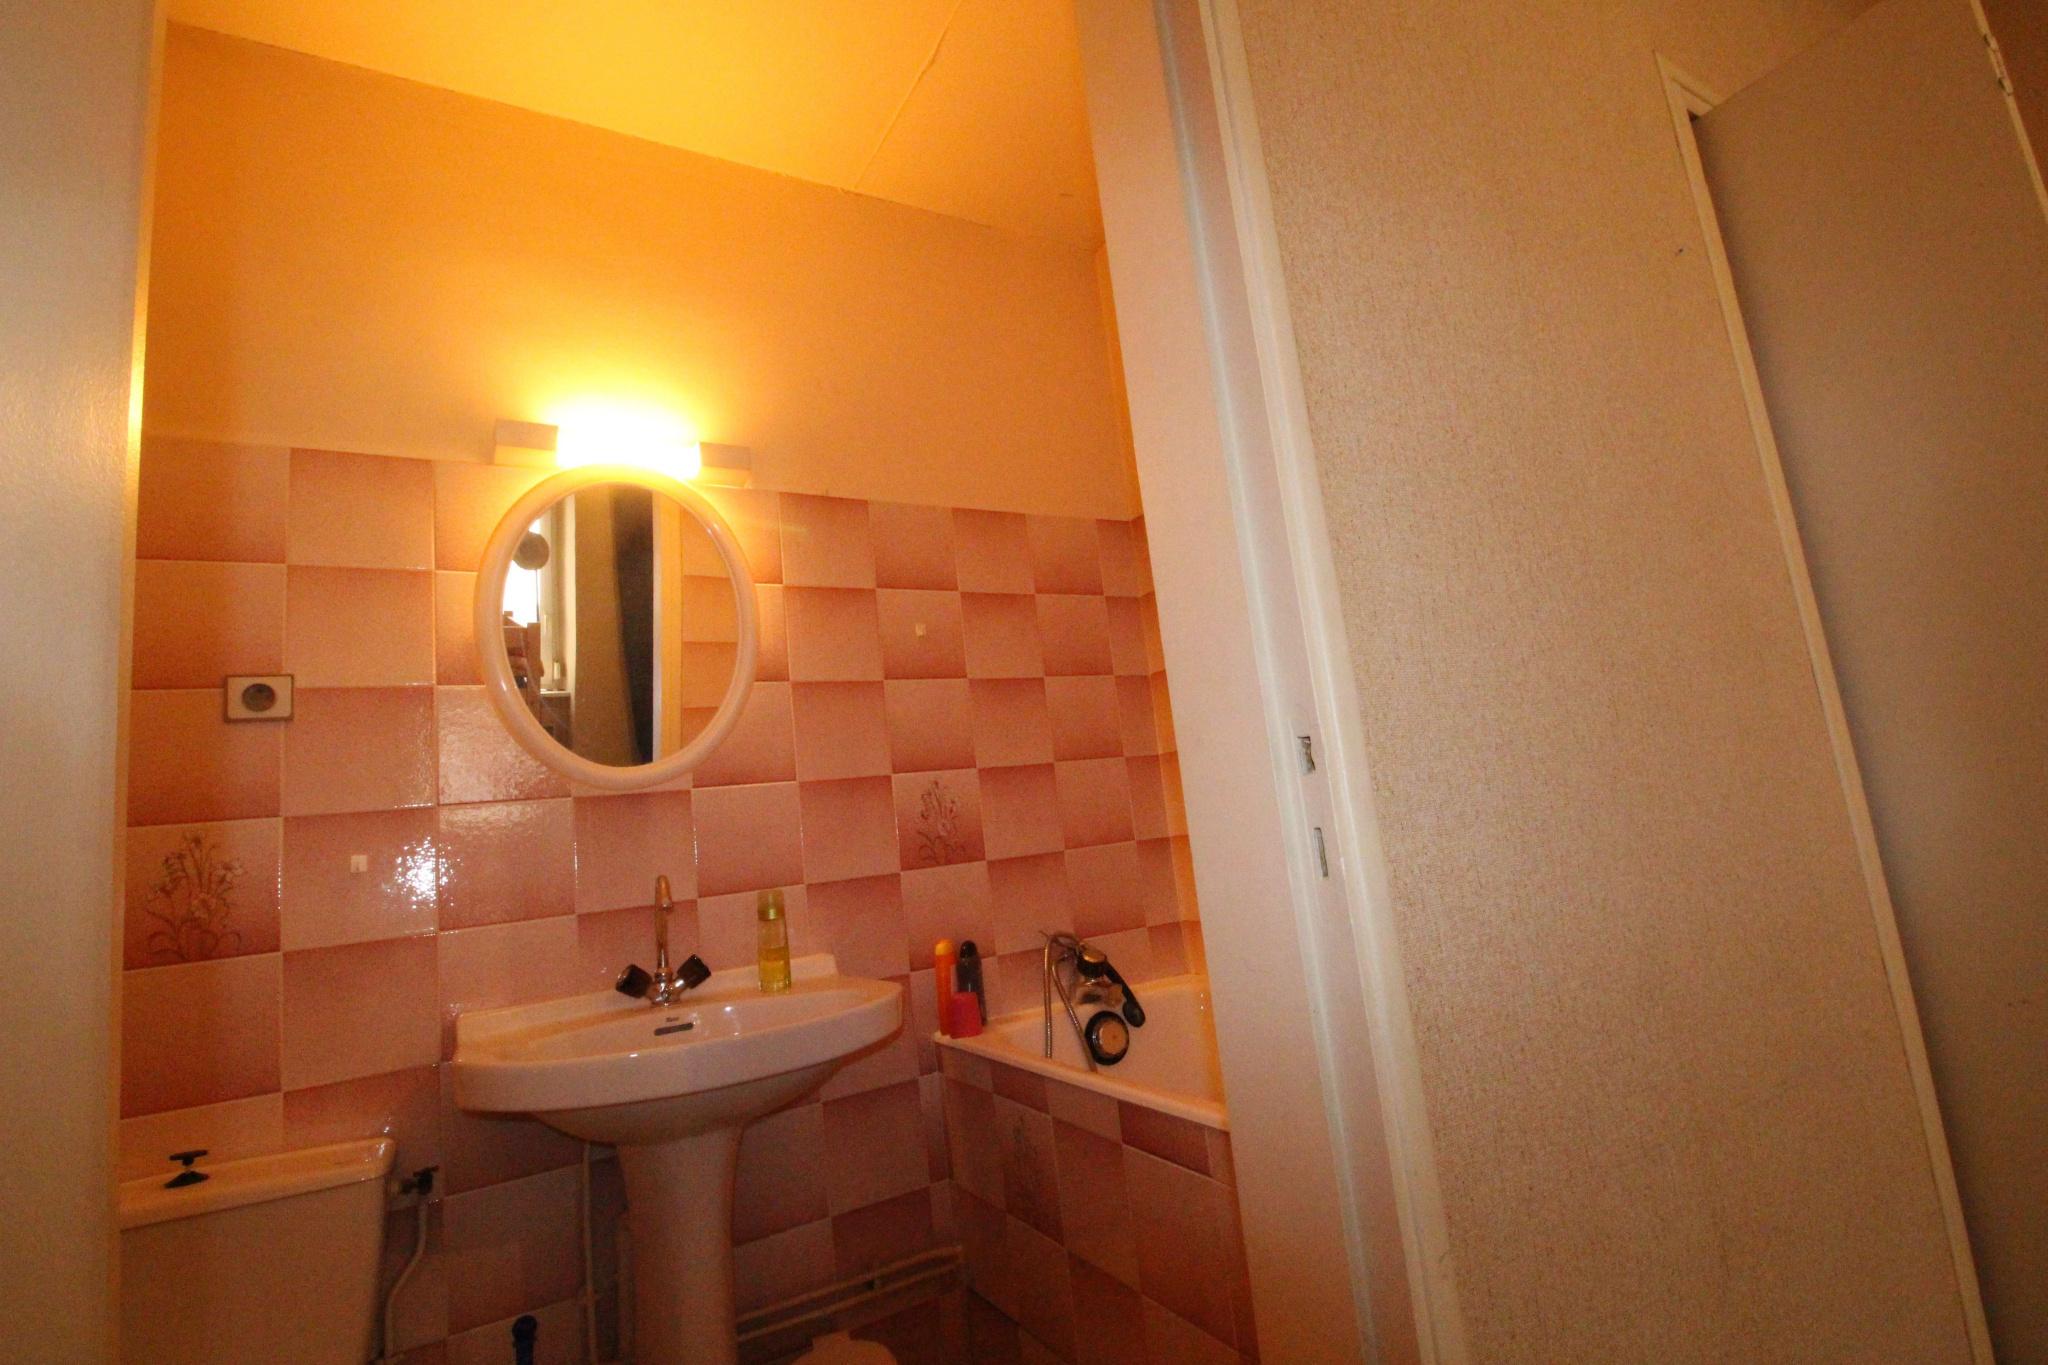 appartement 1 pièce(s) - Centre ville